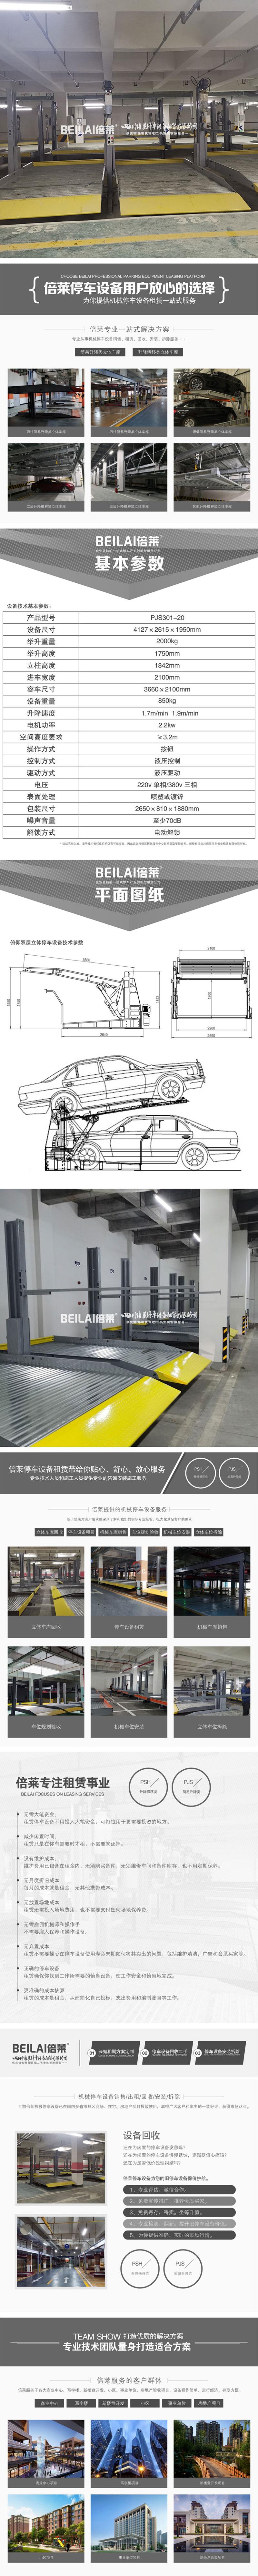 重慶立體停車安裝得榮簡易升降式立體車庫倍萊機械車庫